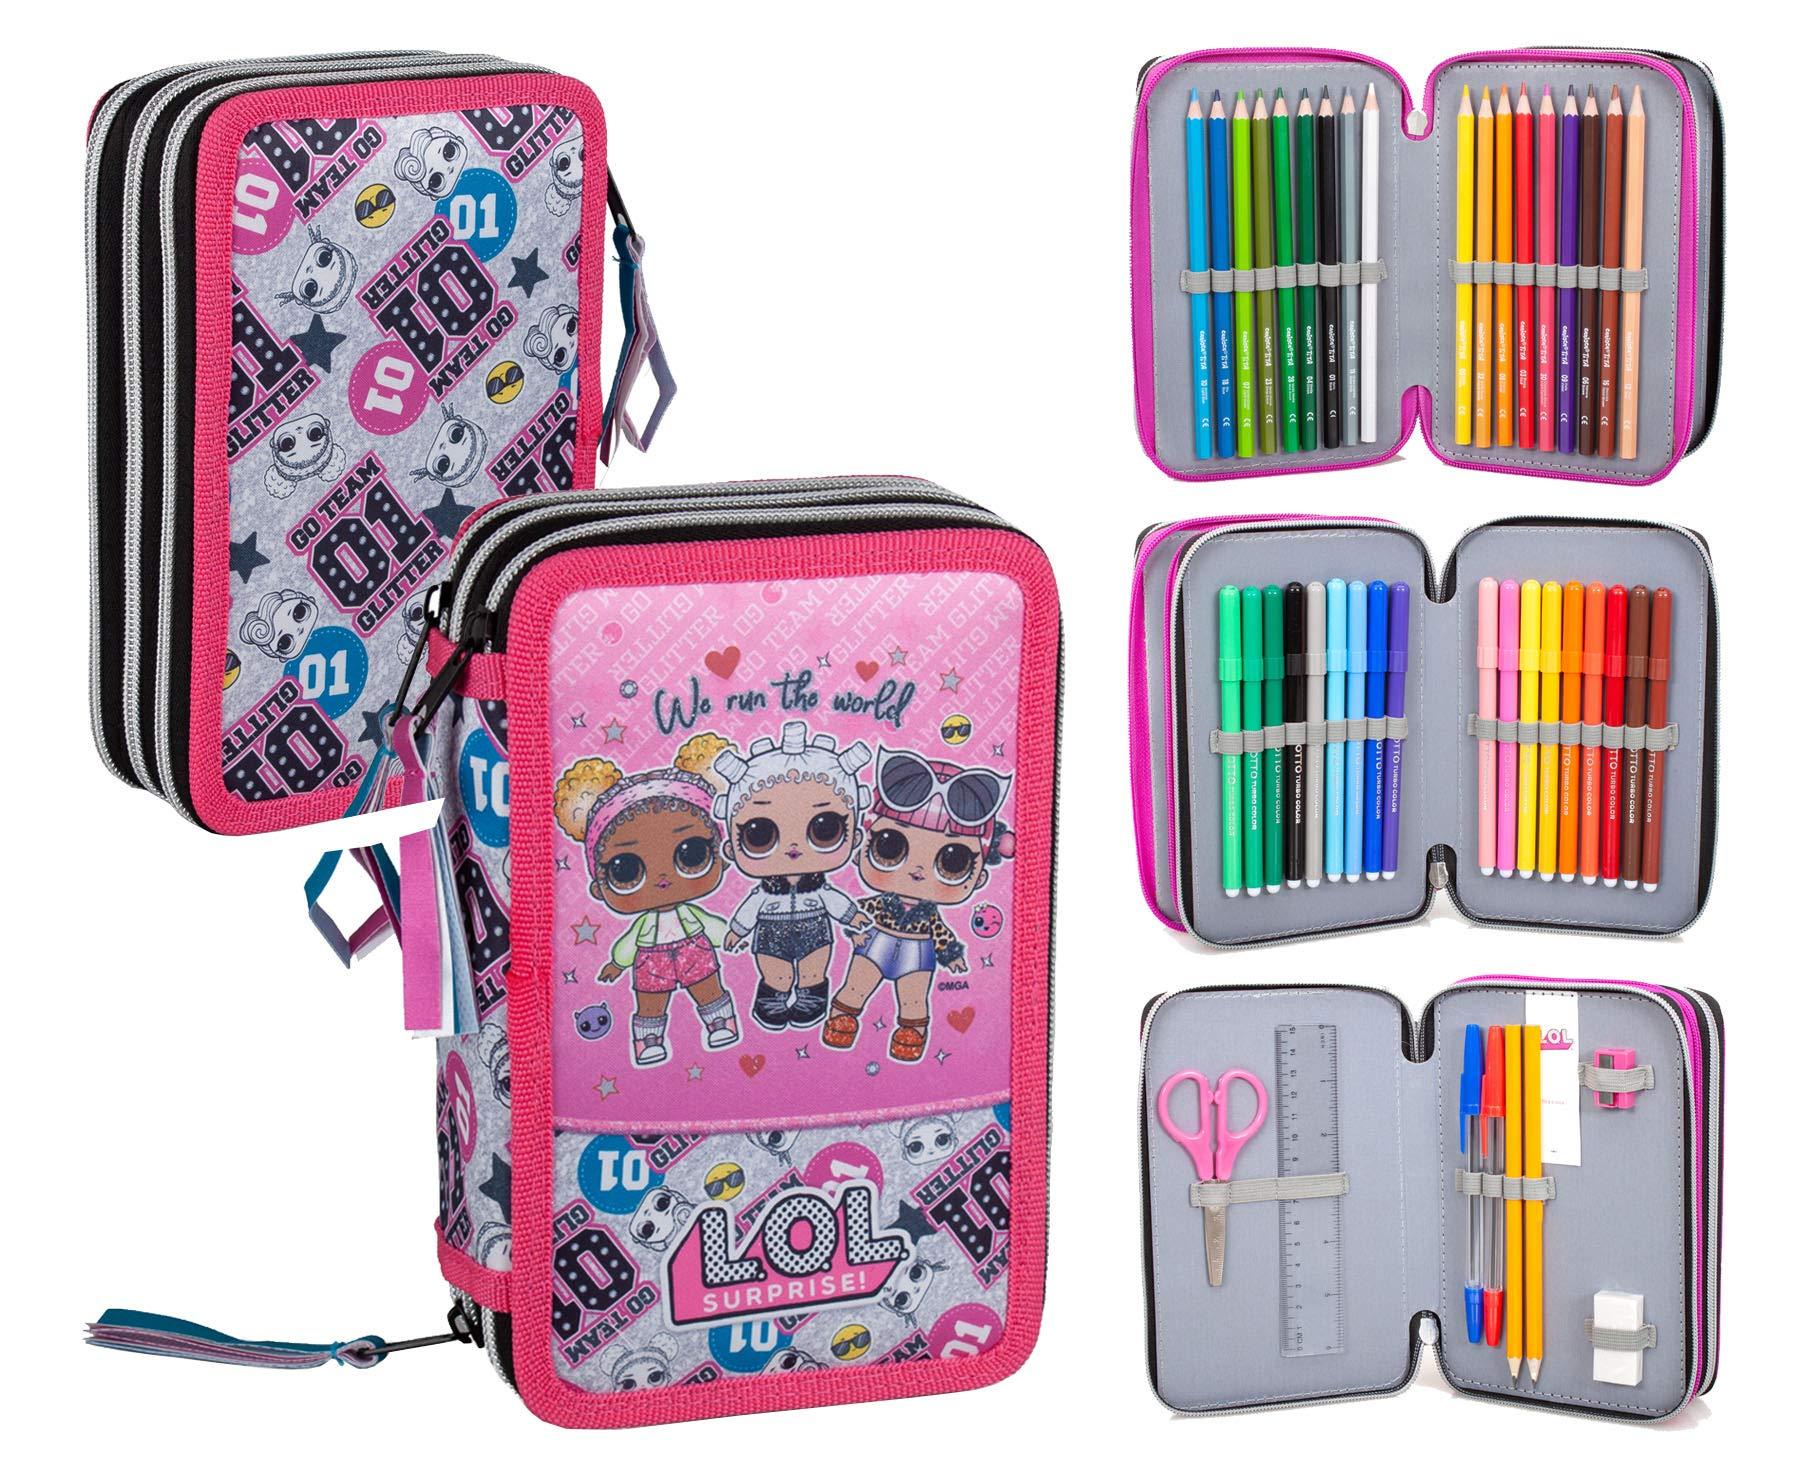 Lol Surprise 92424 - Estuche triple relleno, 44 accesorios escolares, 20 centímetros: Amazon.es: Oficina y papelería